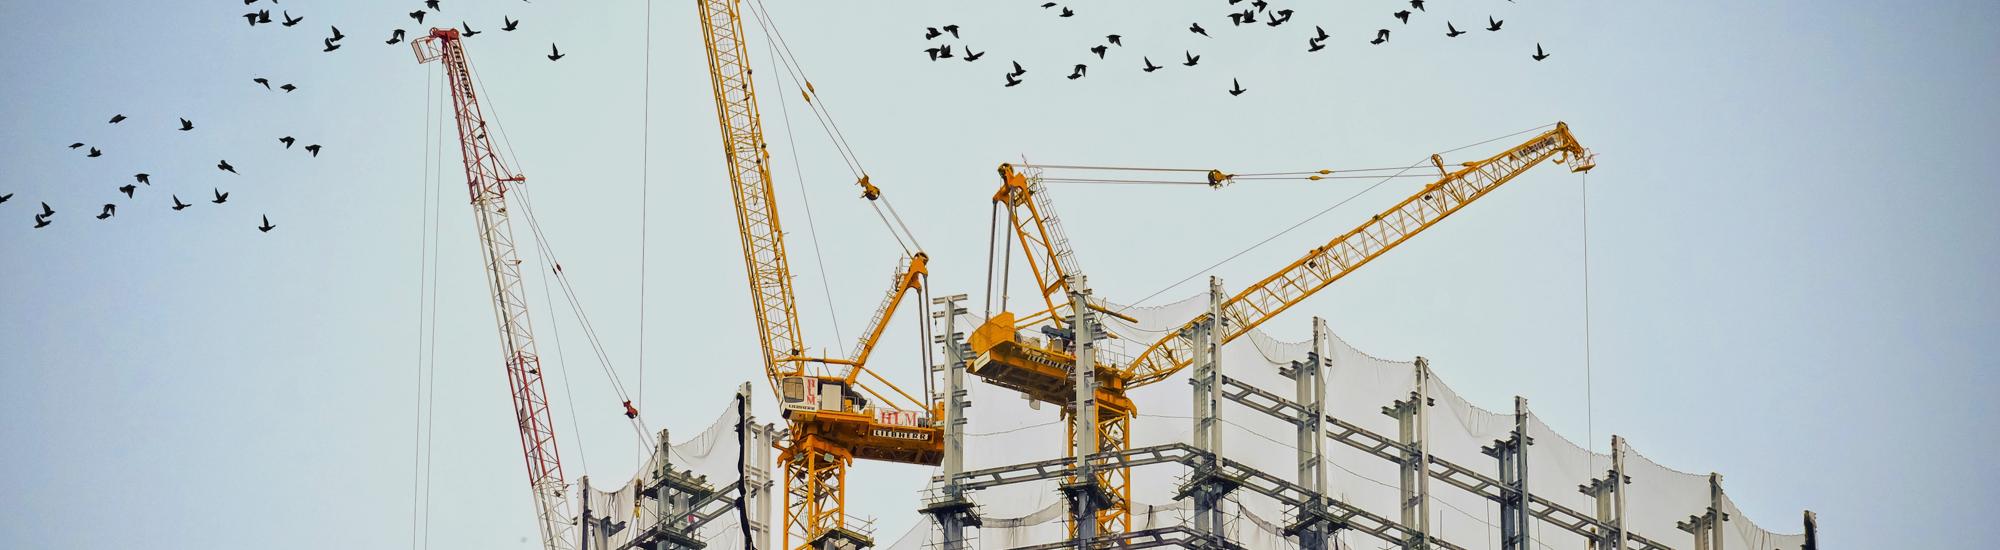 Építkezés munkavédelem